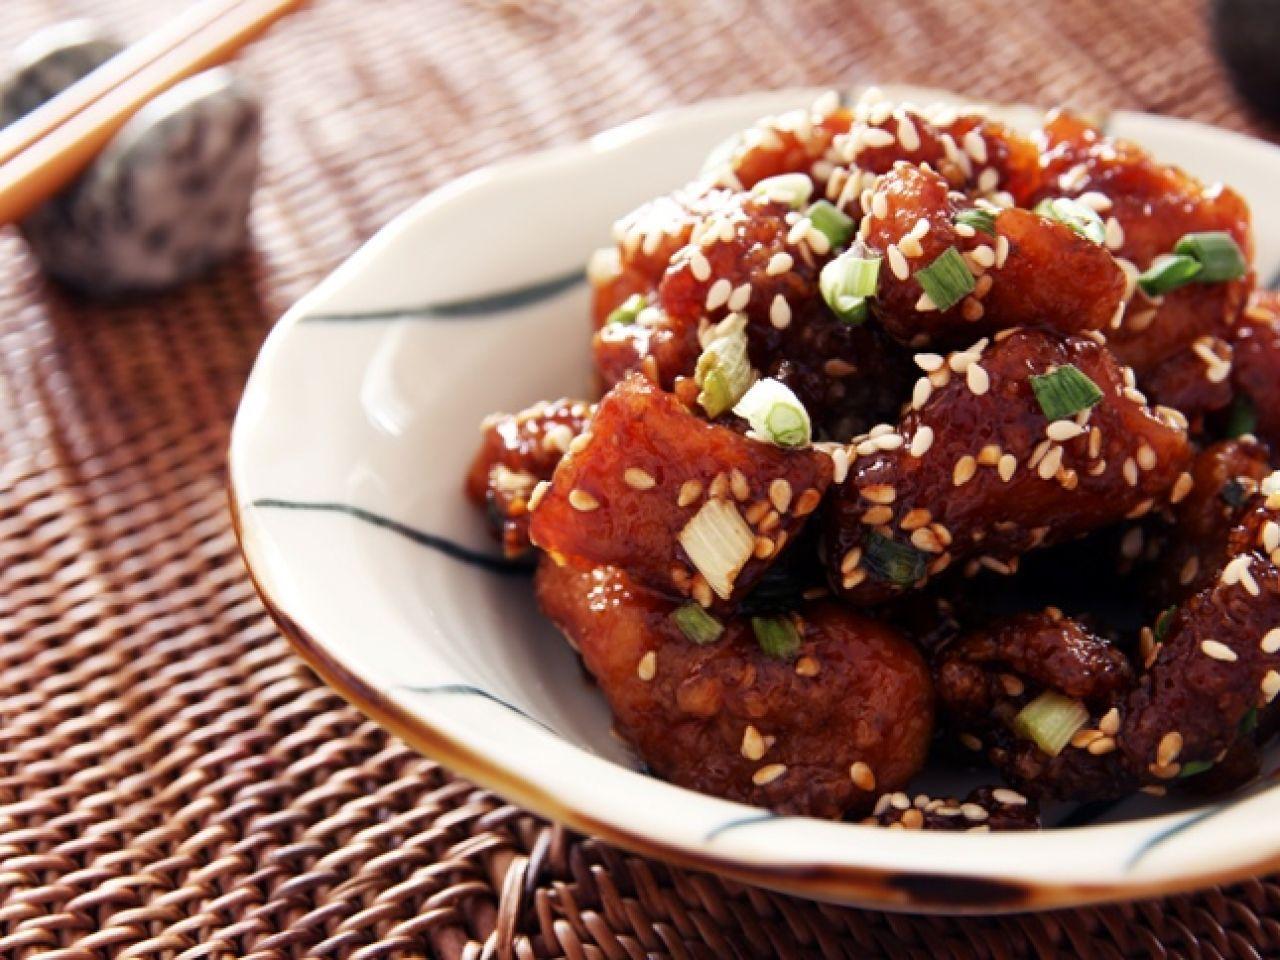 Sesame chicken | Daydaycook | Pinterest